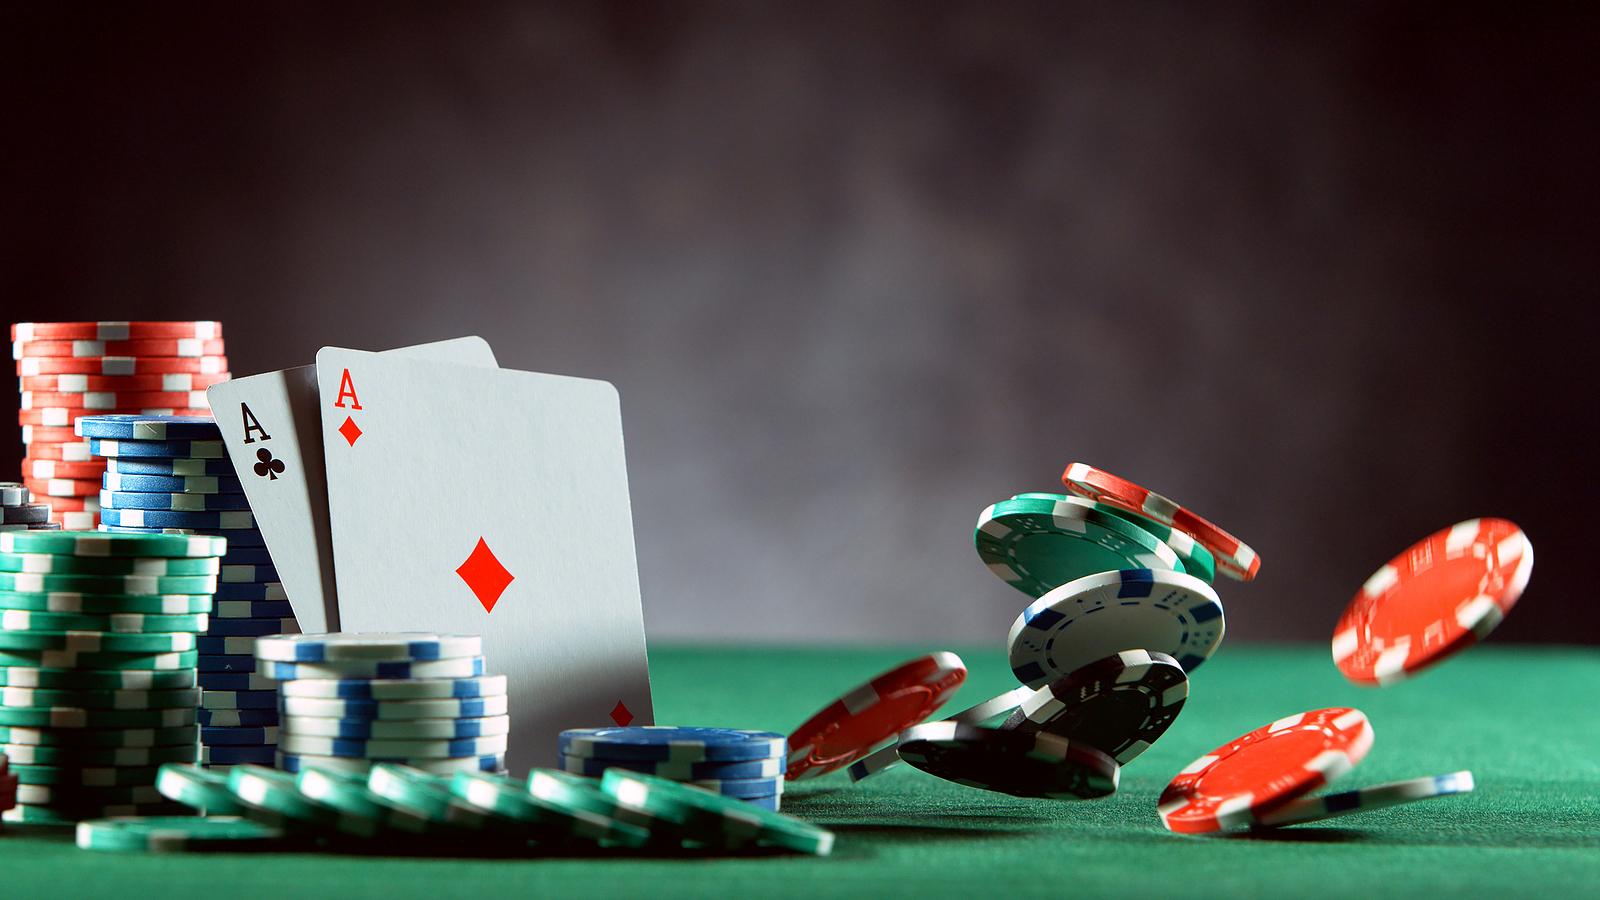 O poker, especialmente na versão online, que pode ser praticada com um tablet, computador ou telefone celular, conta com mais de 60 milhões de jogadores nos Estados Unidos e cerca de 100 milhões espalhados pelo mundo